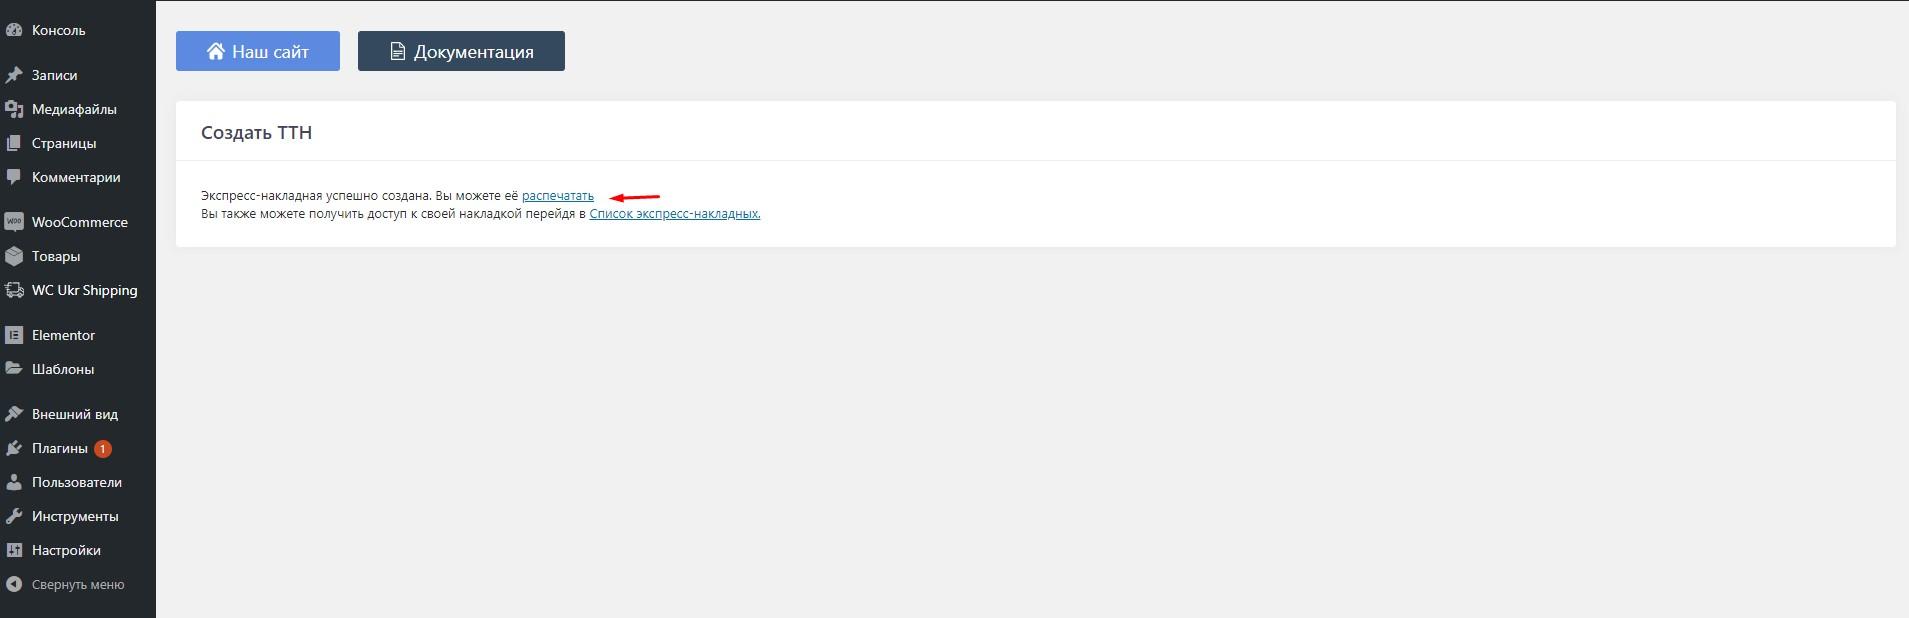 Окно успешного создания накладной плагина Новой Почты для WooCommerce